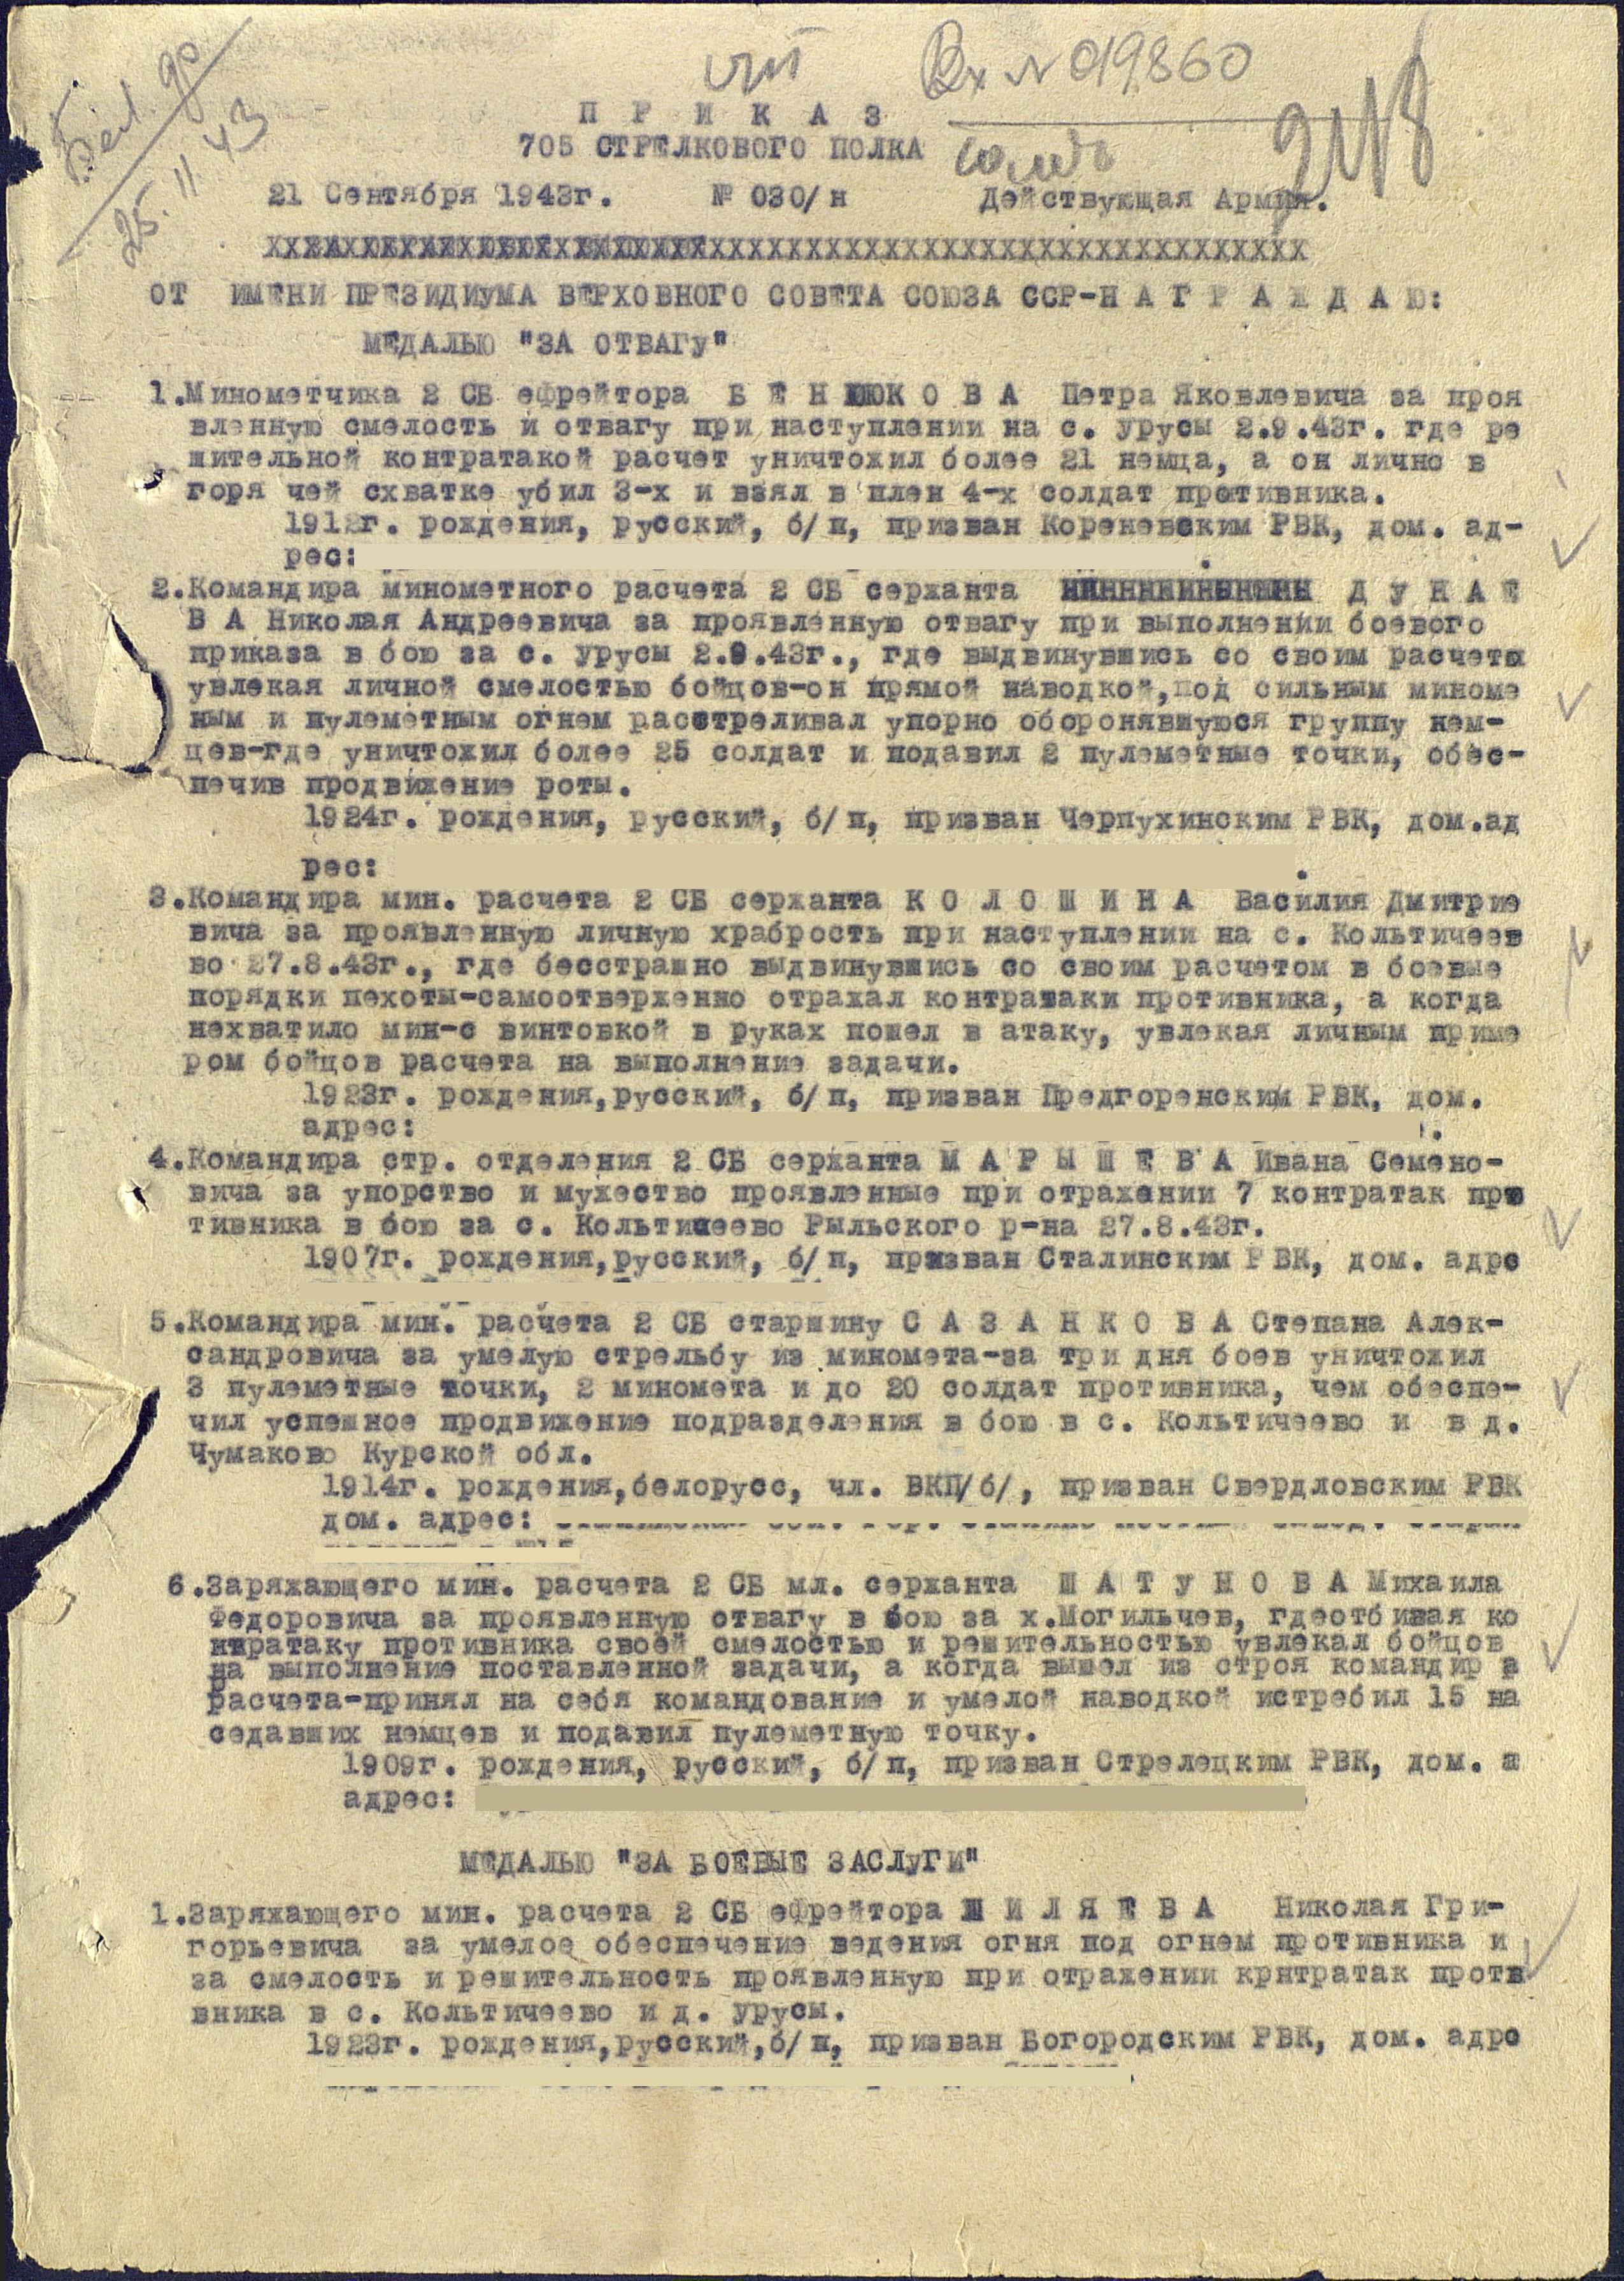 Приказ о награждении Дунаева Николая Андреевича медалью за отвагу